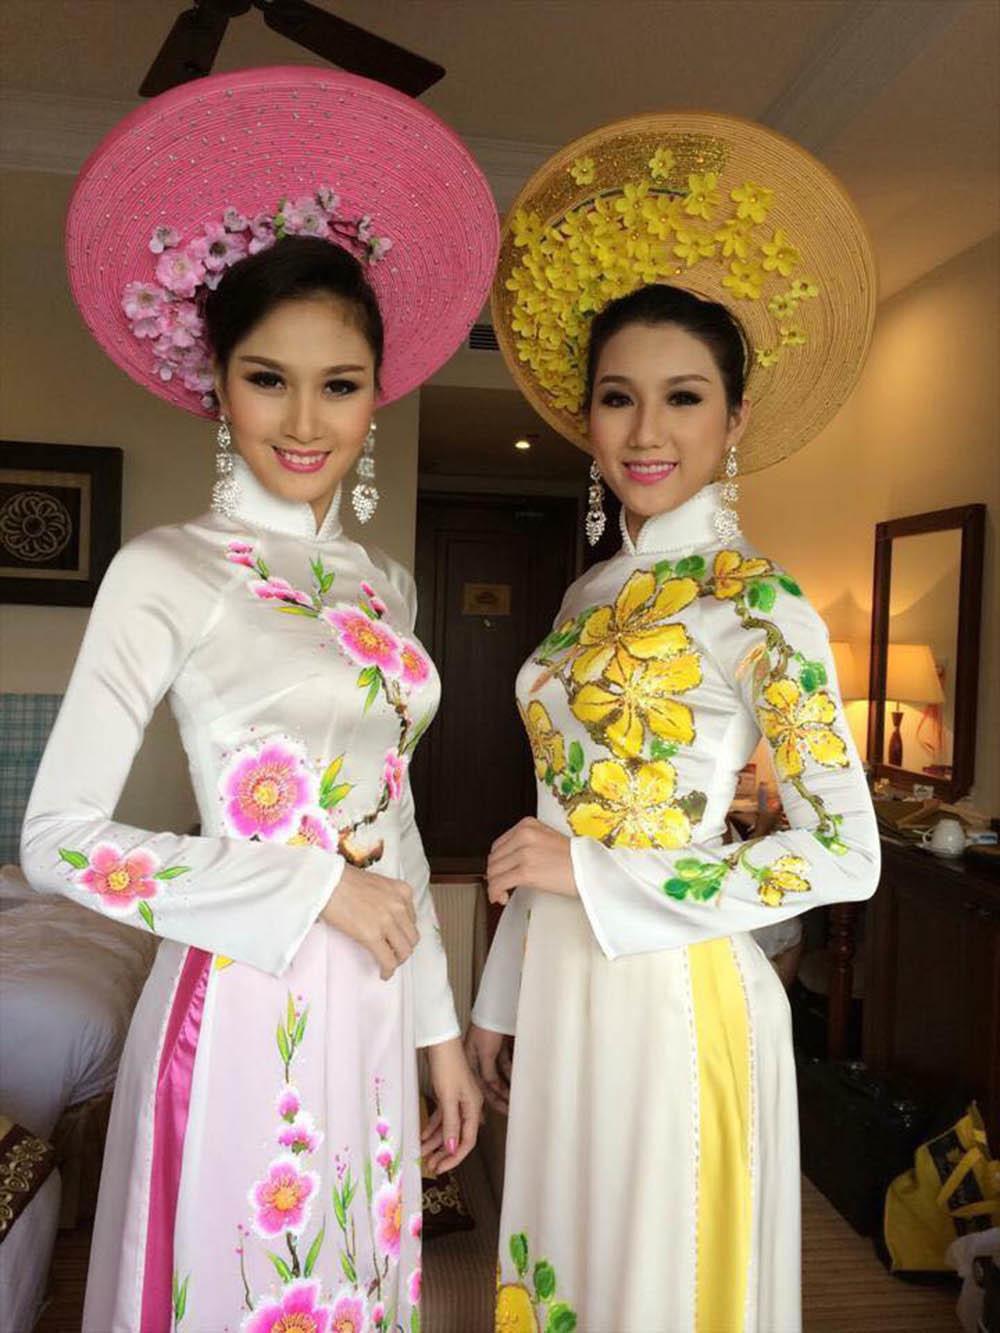 Cận cảnh nhan sắc 'Hà Hoa hậu' - người vừa kết hôn với đại gia sau hai tháng đi tu - Ảnh 8